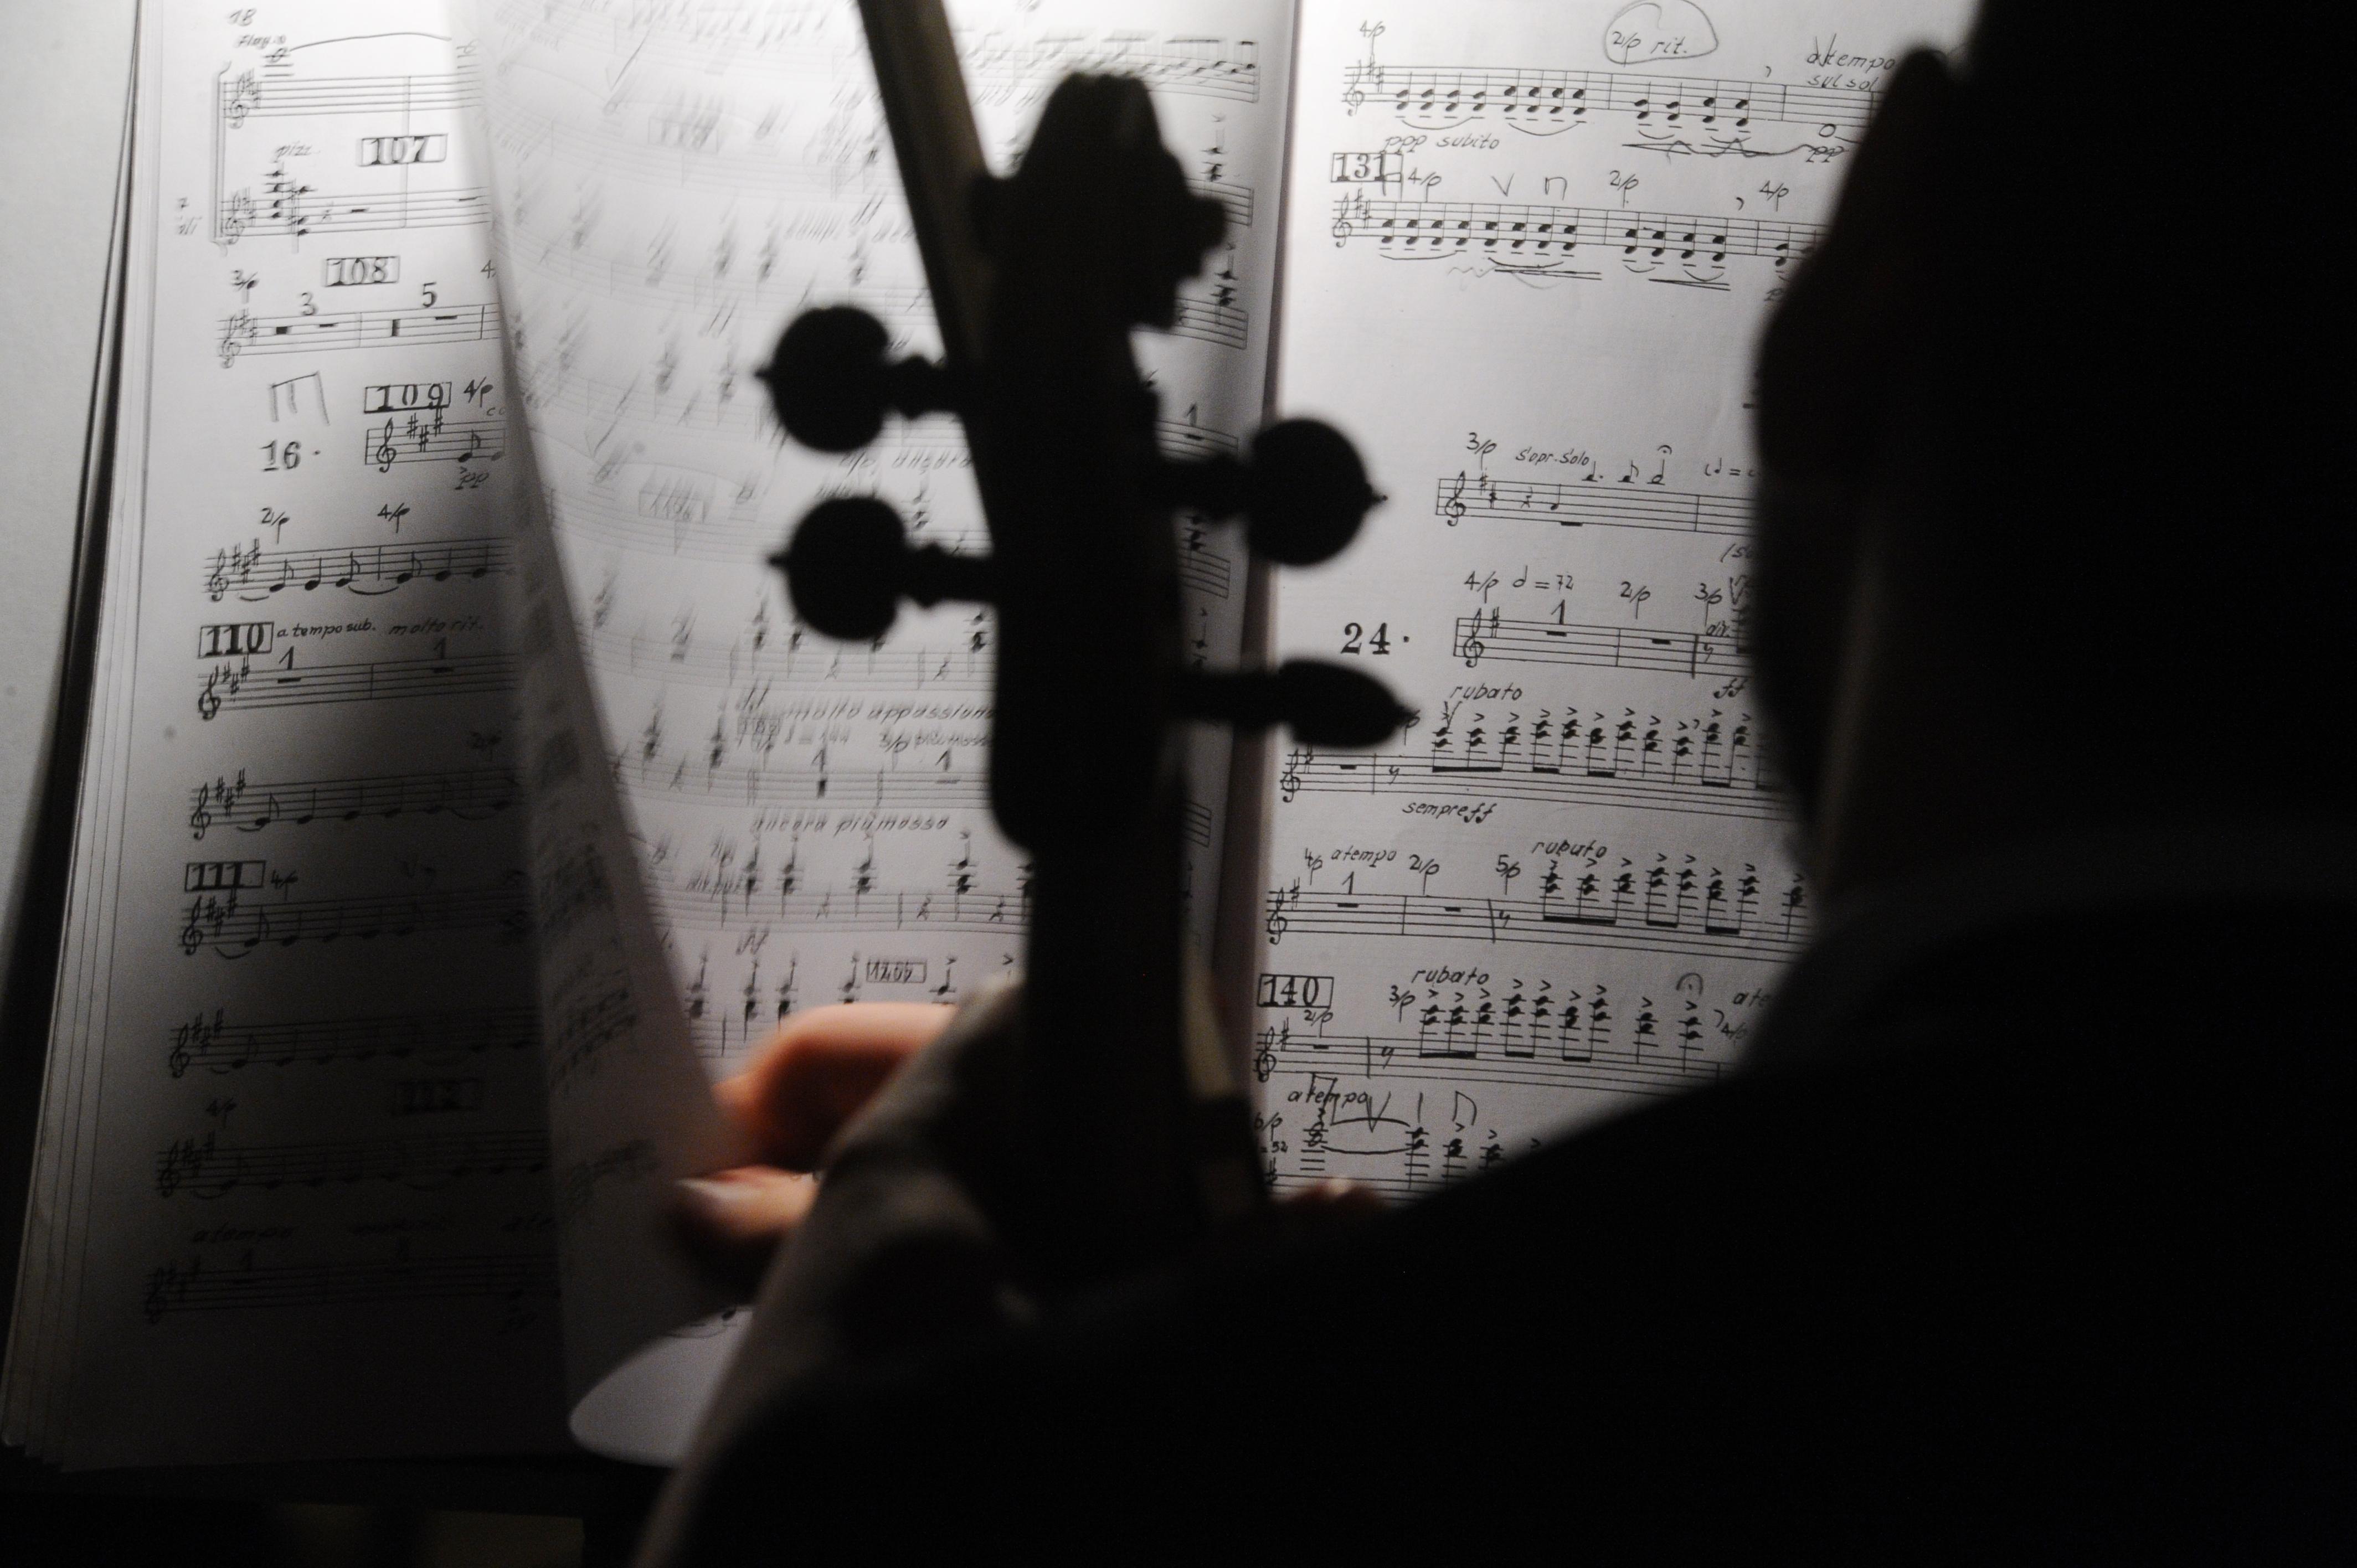 Концерты симфонической музыки стали доступны на медиаплатформе #Москвастобой